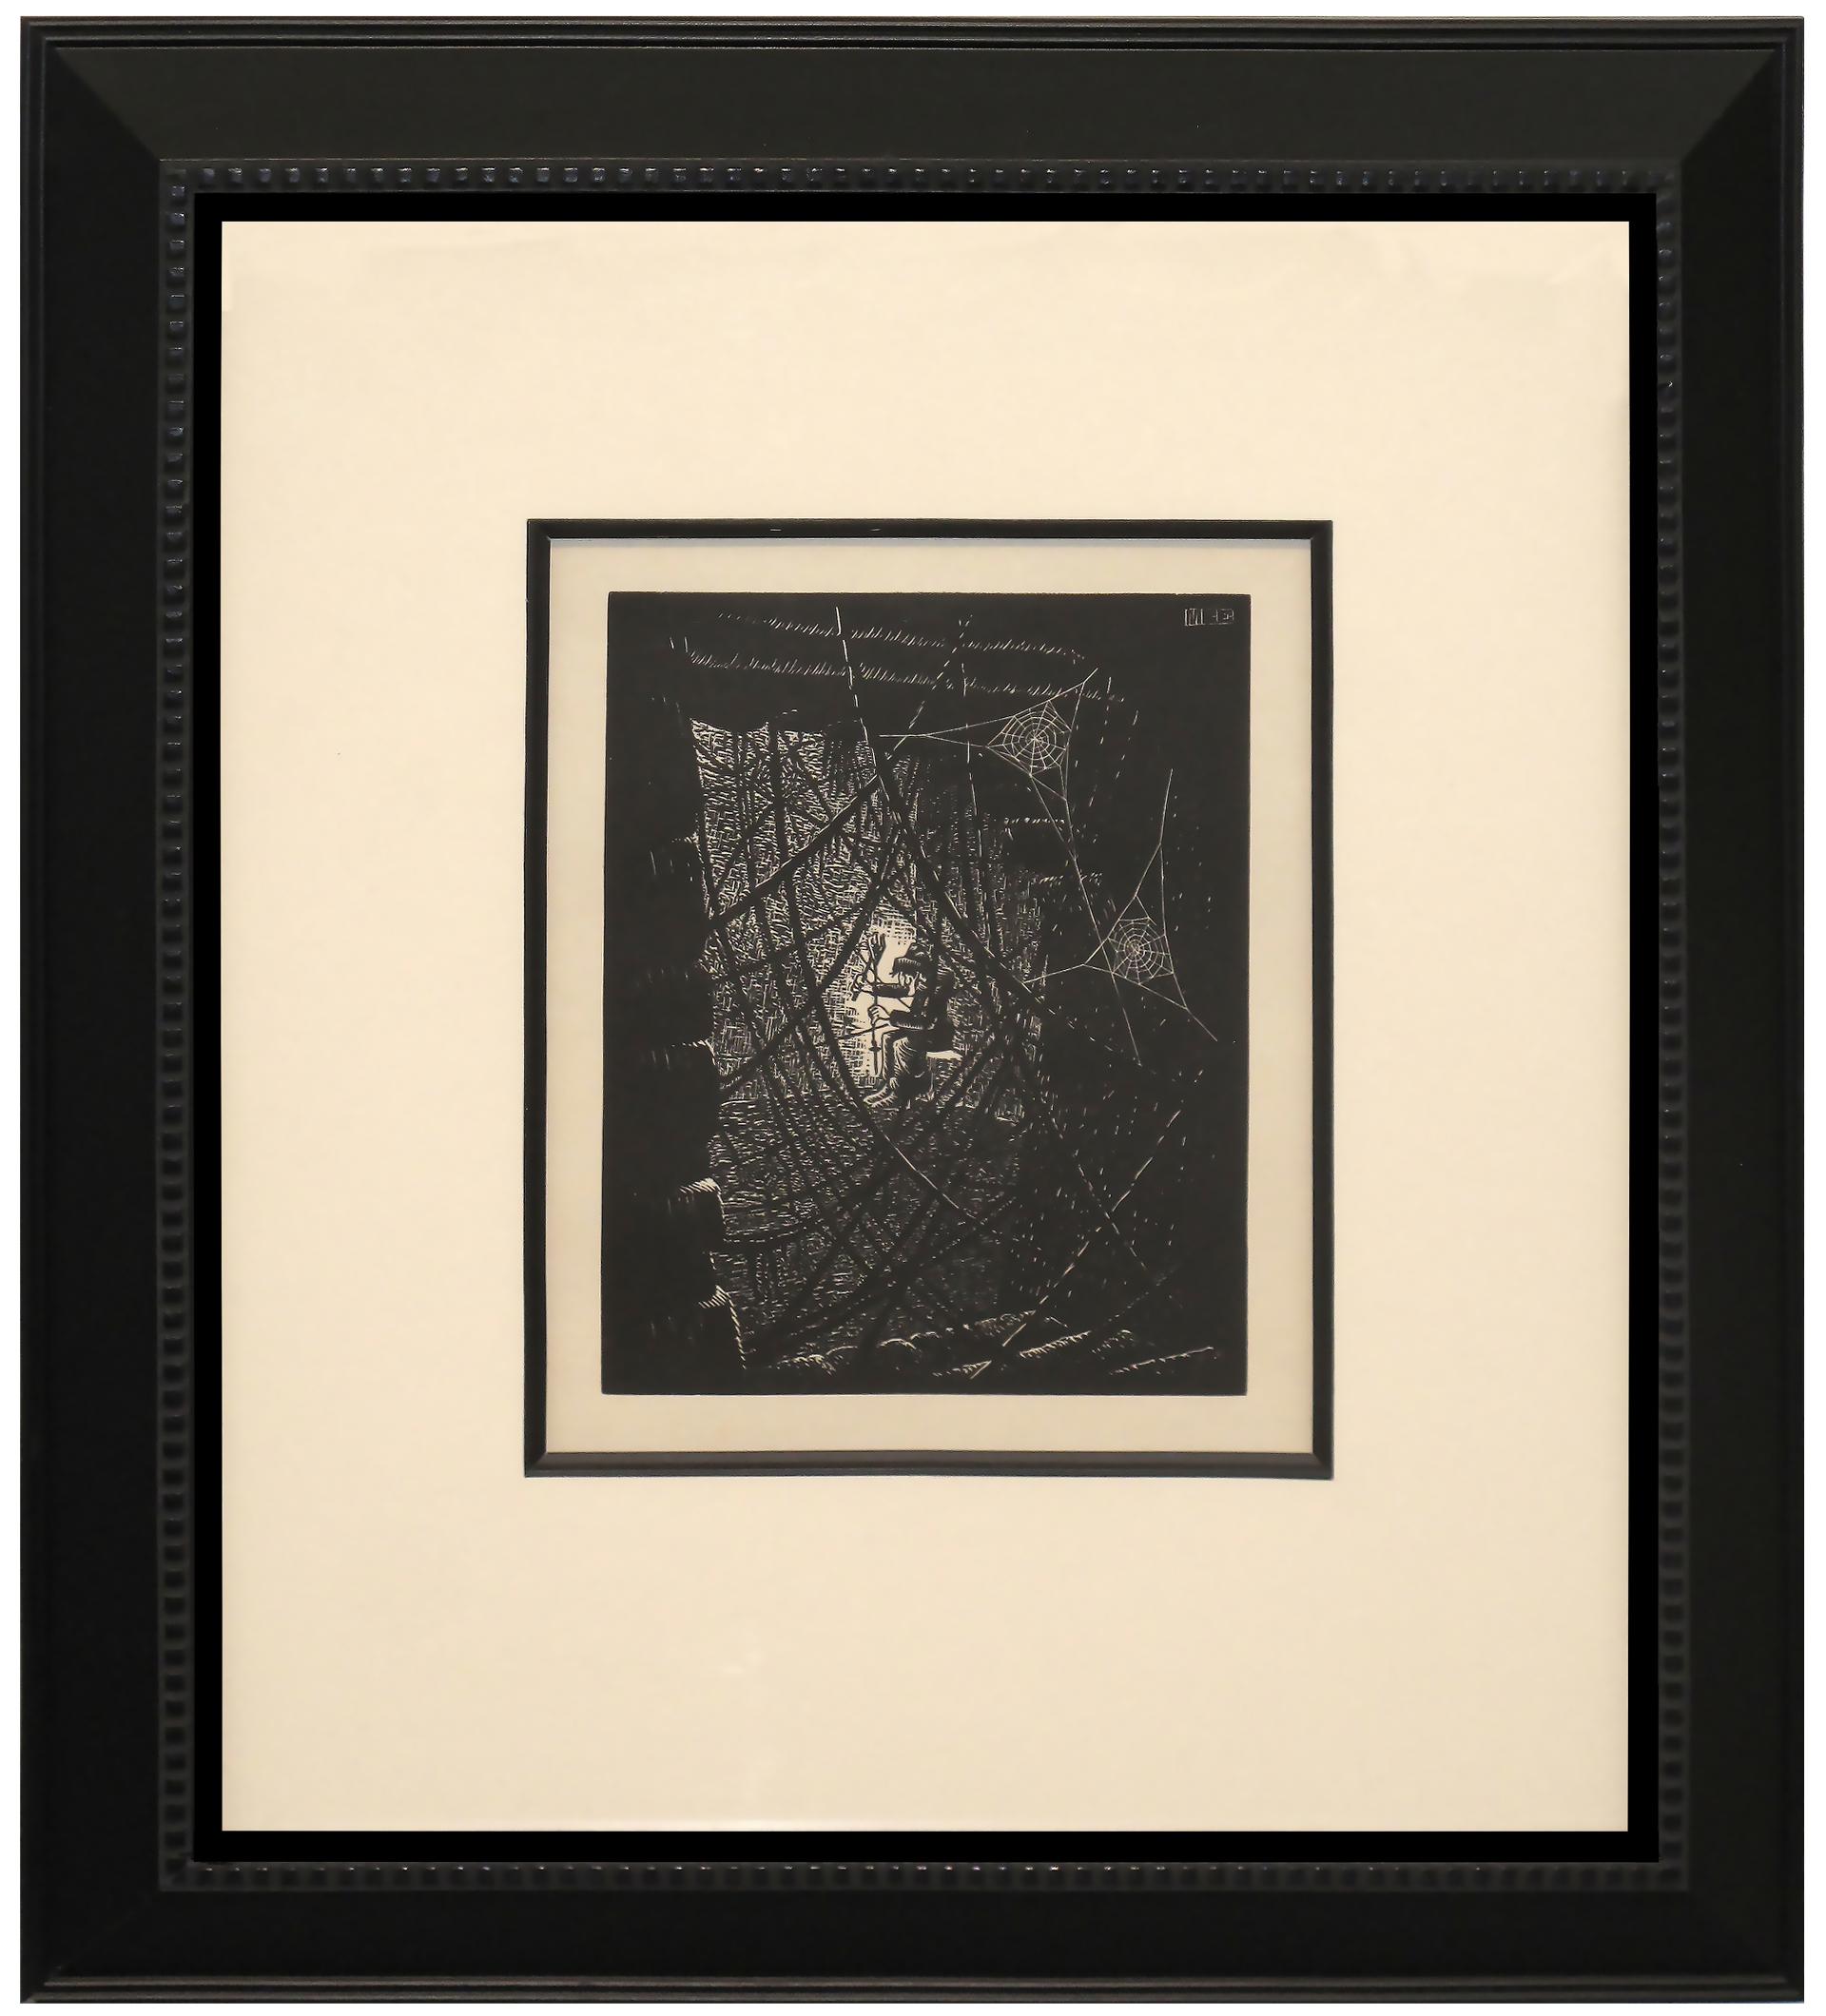 Cobwebs by M.C. Escher